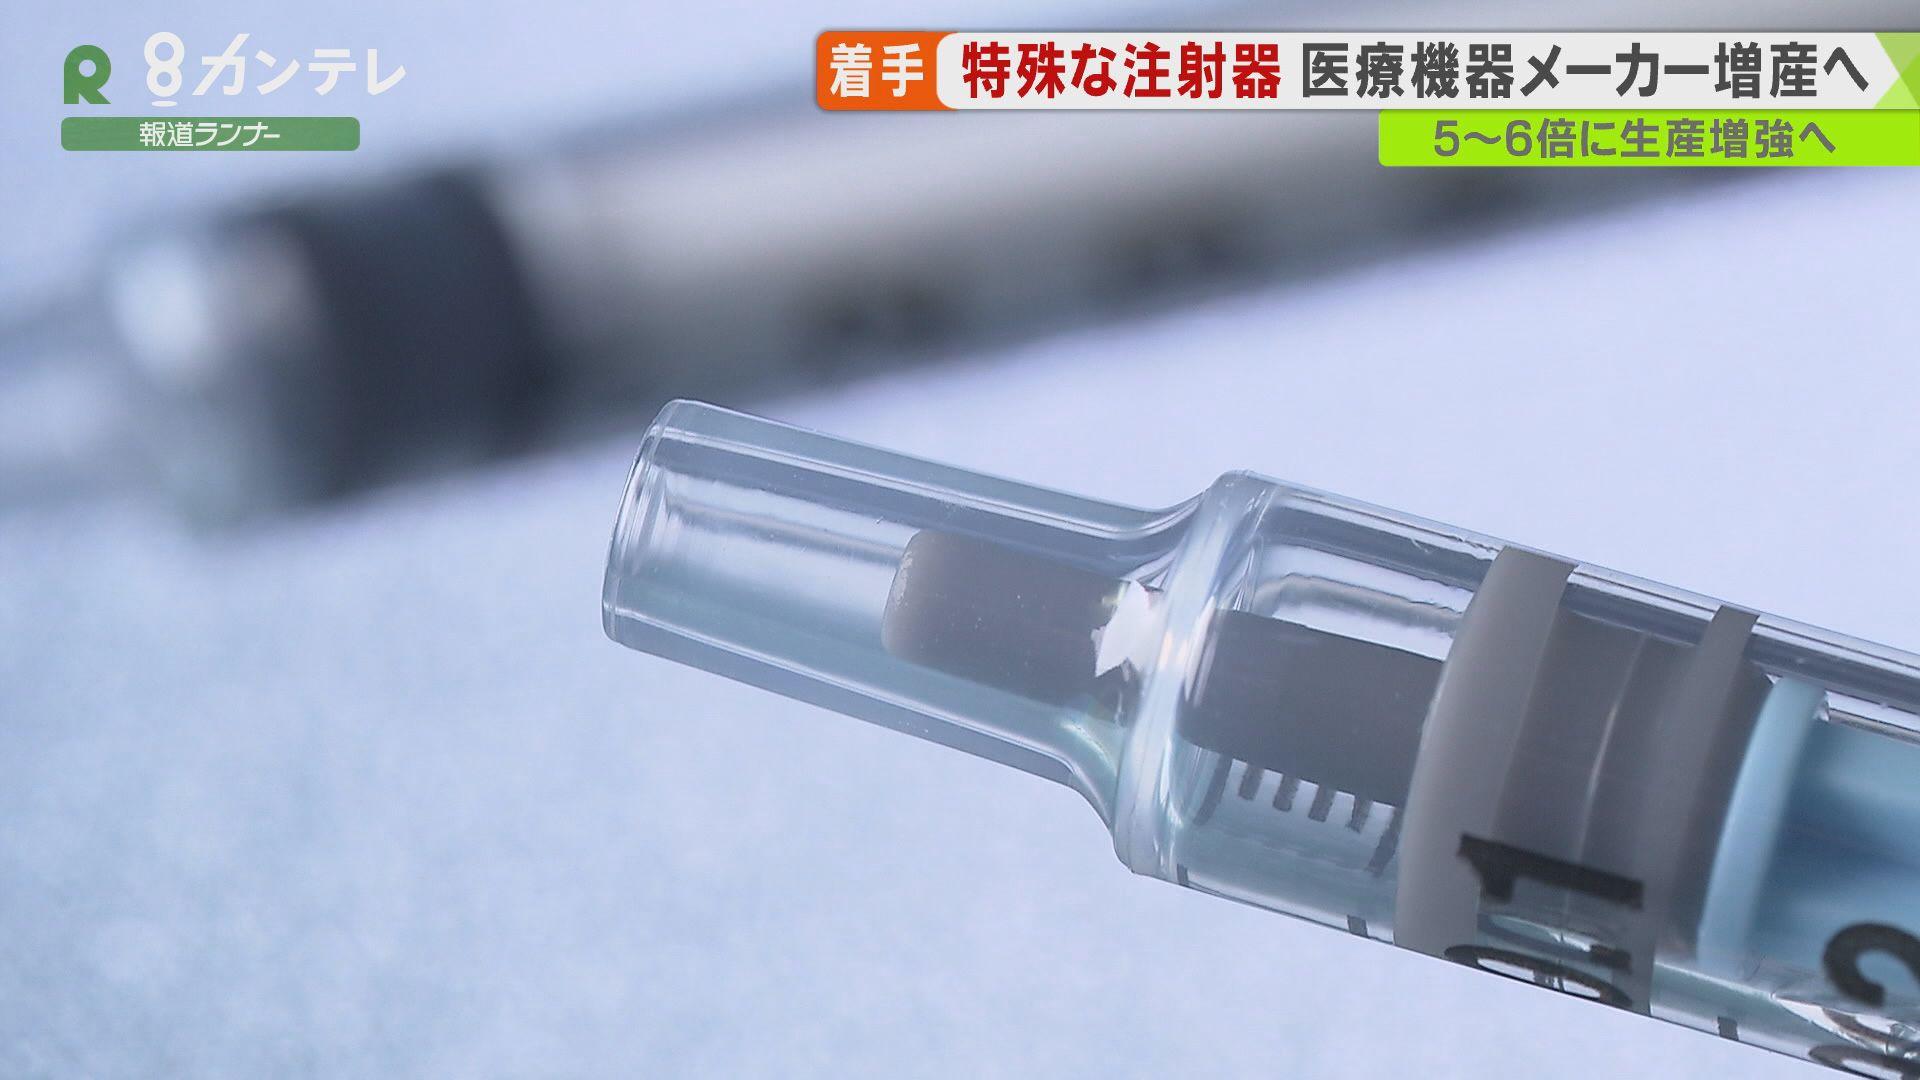 """ワクチン接種が効率的になる""""特殊な注射器"""" 開発した大阪のメーカー「ニプロ」が増産体制を急ピッチで"""